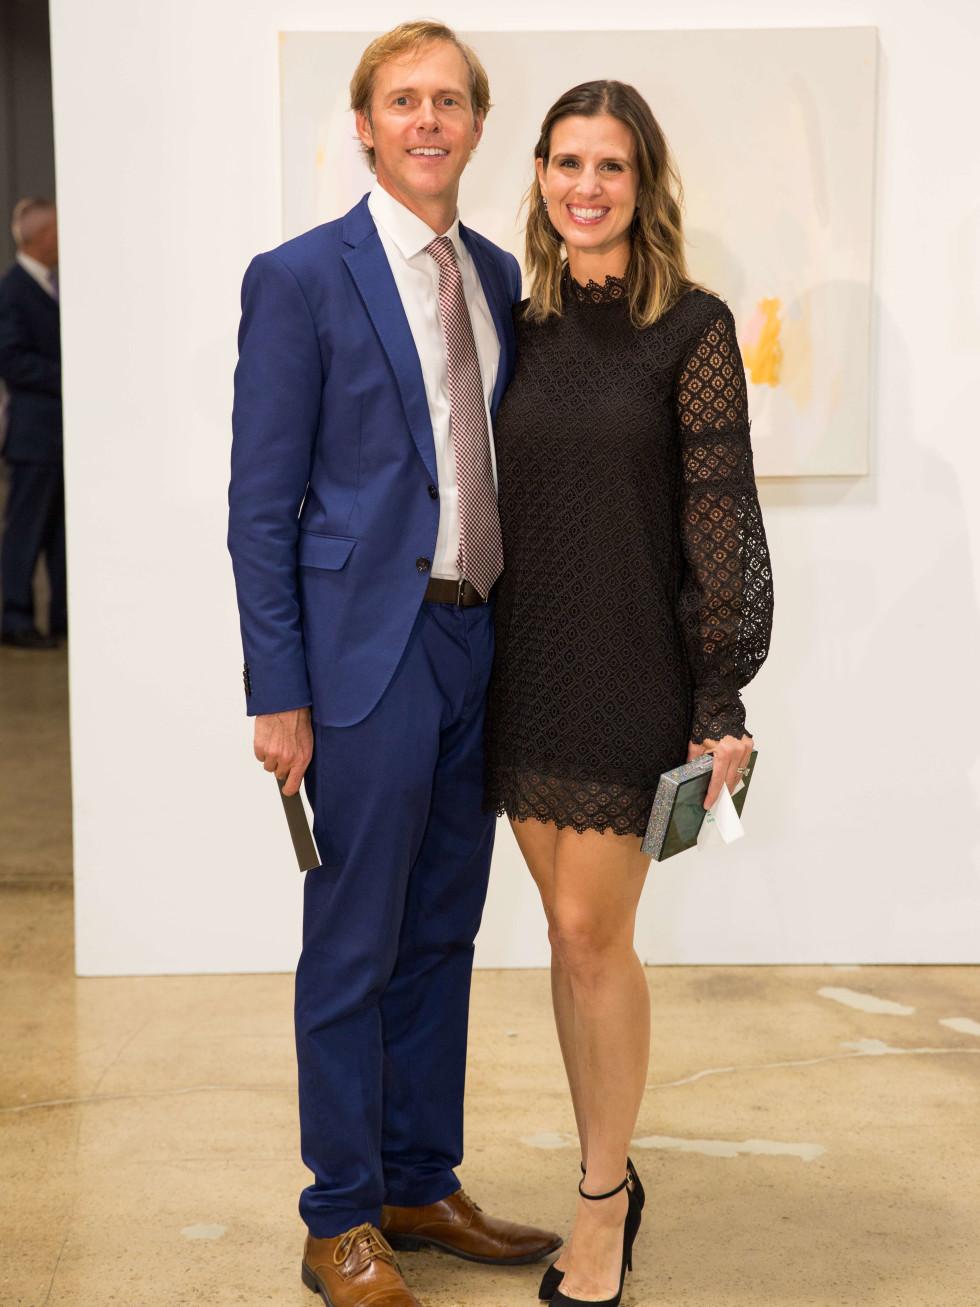 Todd & Tonya Ramsey